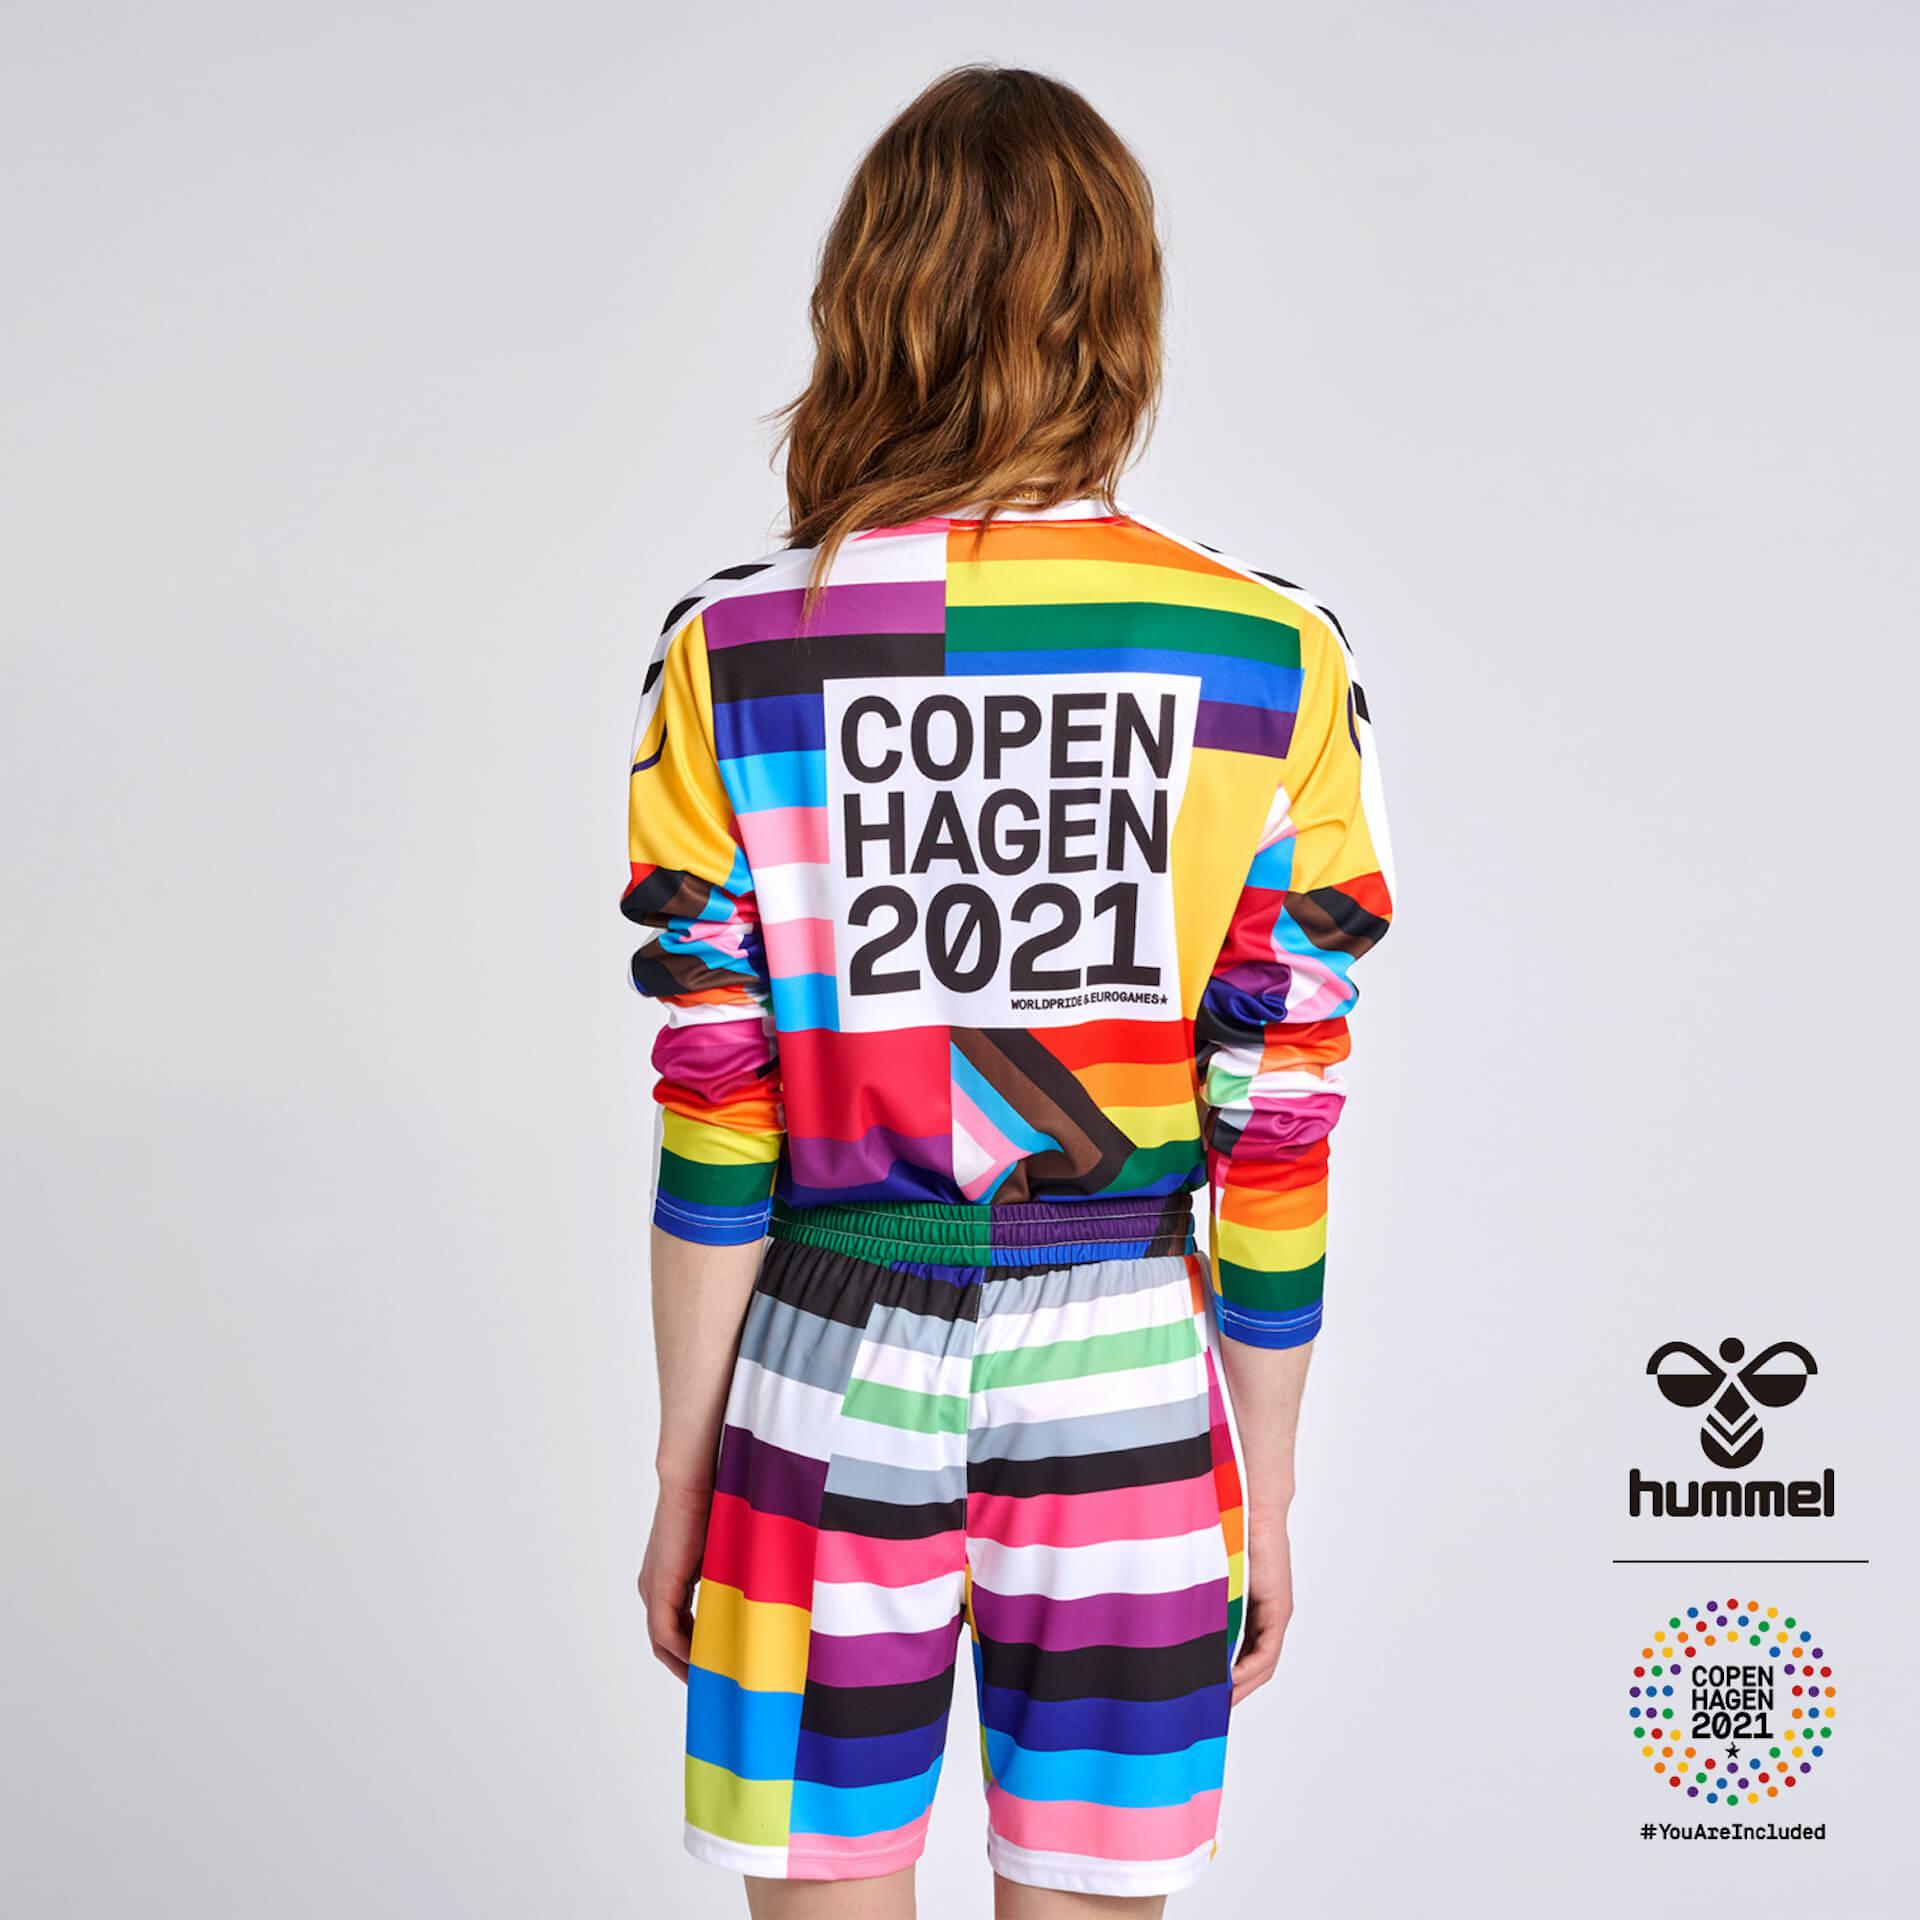 多様性を祝福する「ヒュンメル×コペンハーゲン 2021」コラボグッズが限定発売! Fashion_210706_hummel13